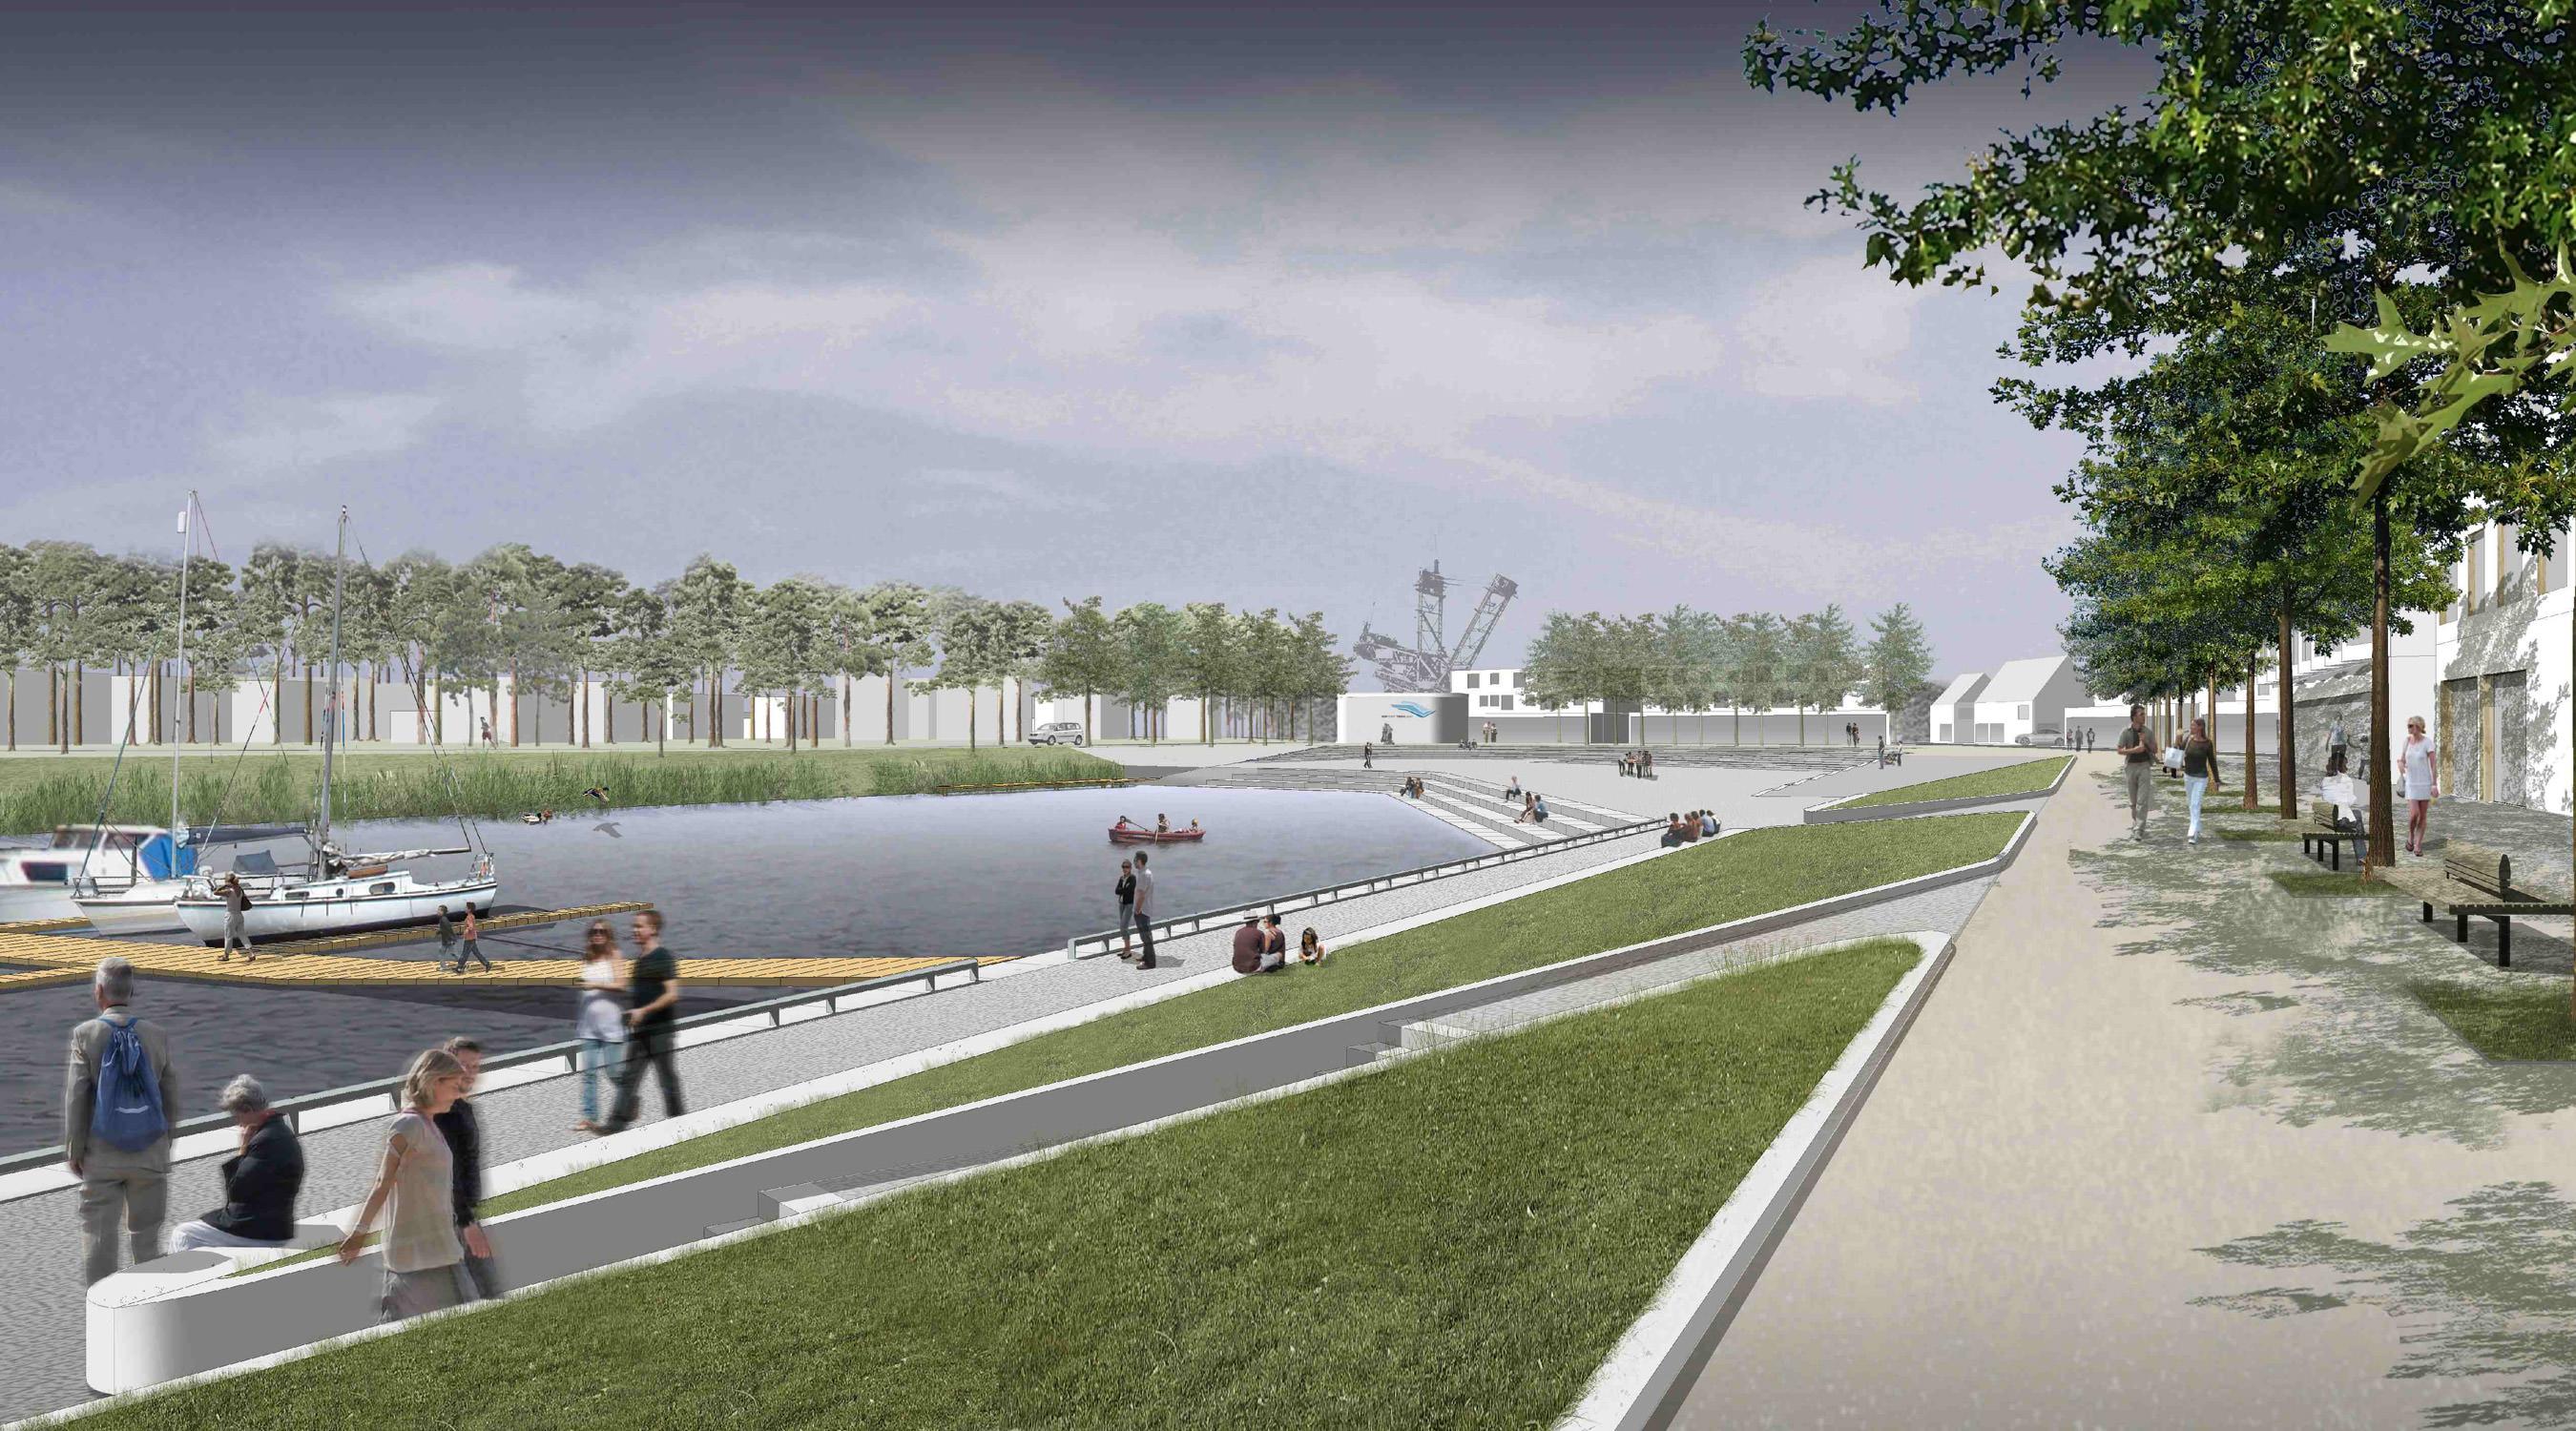 Seehafen Teichland Promenade